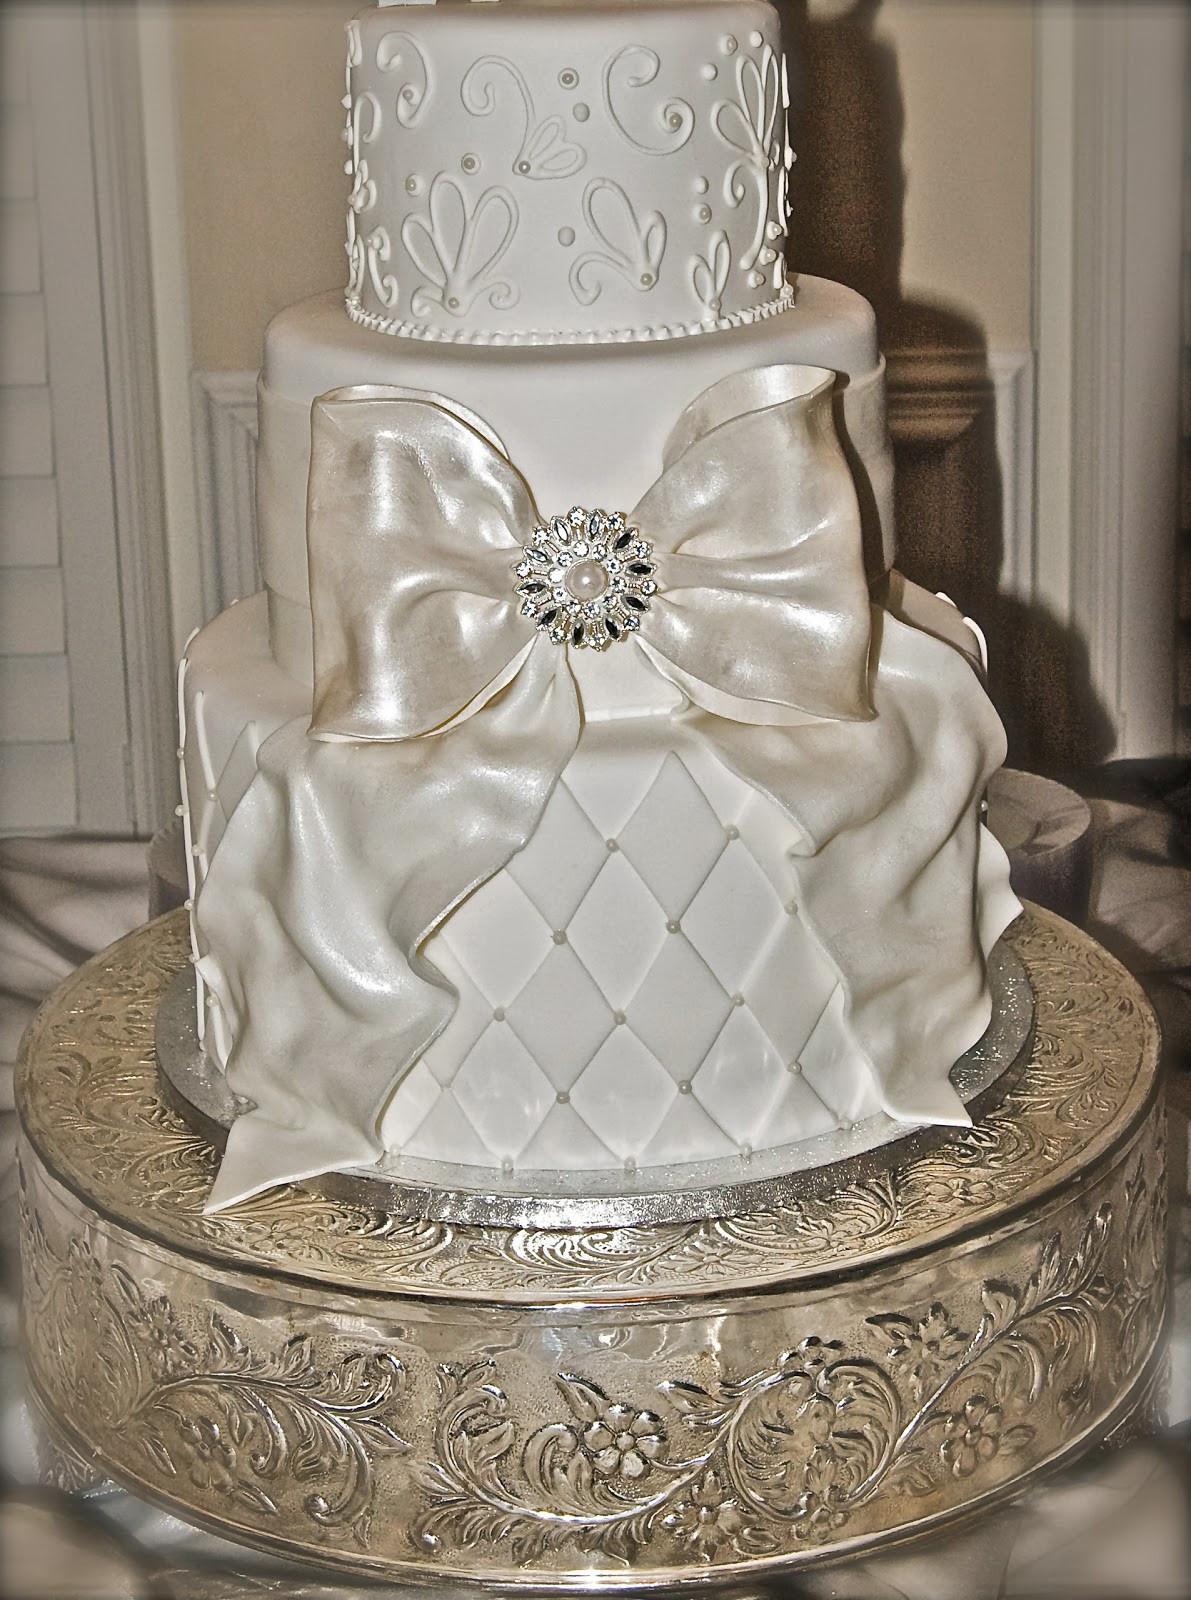 Gigantic Wedding Cakes  The Good Apple Big Bow Wedding Cake